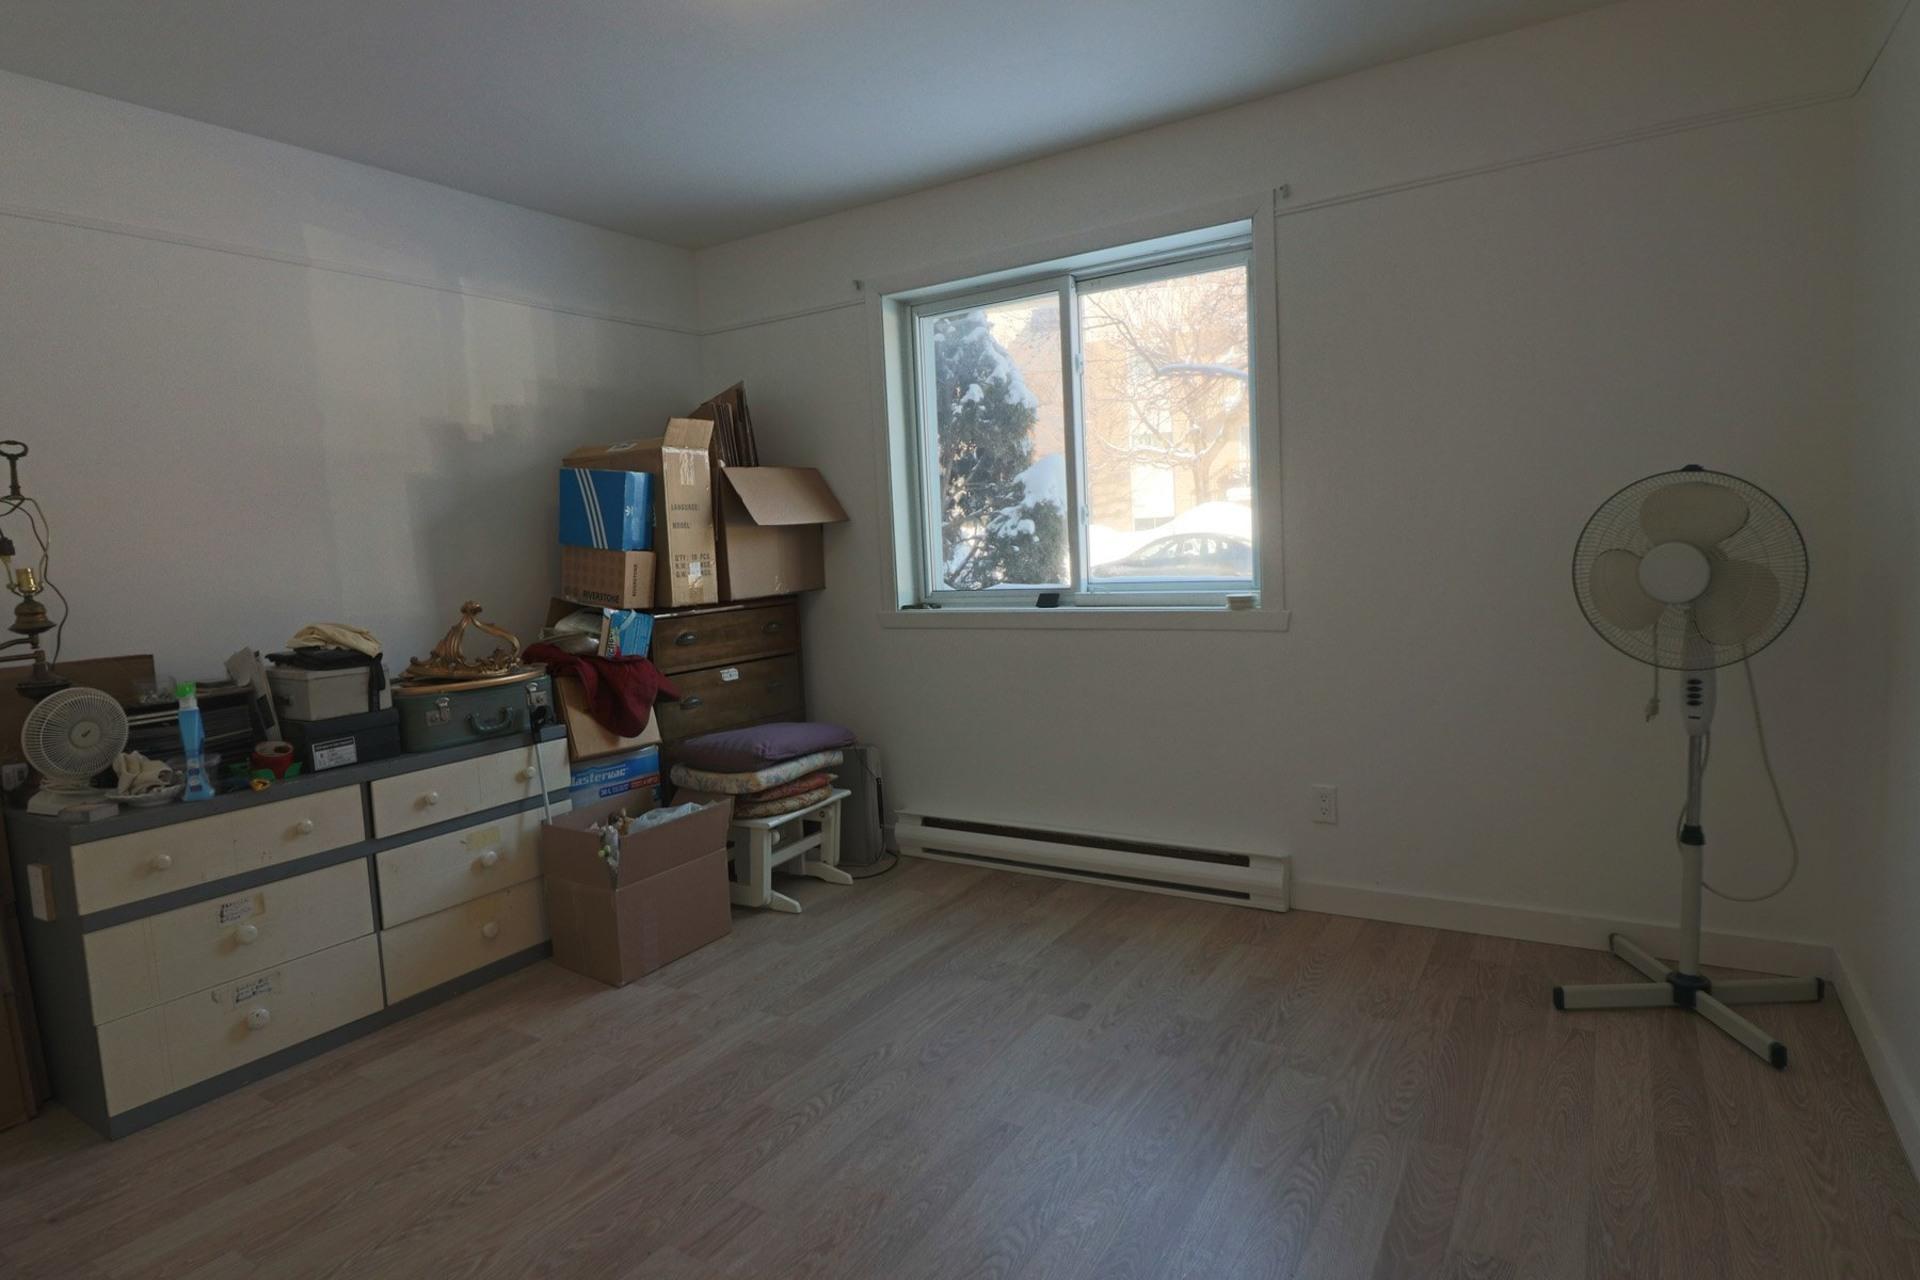 image 8 - Appartement À vendre Trois-Rivières - 8 pièces